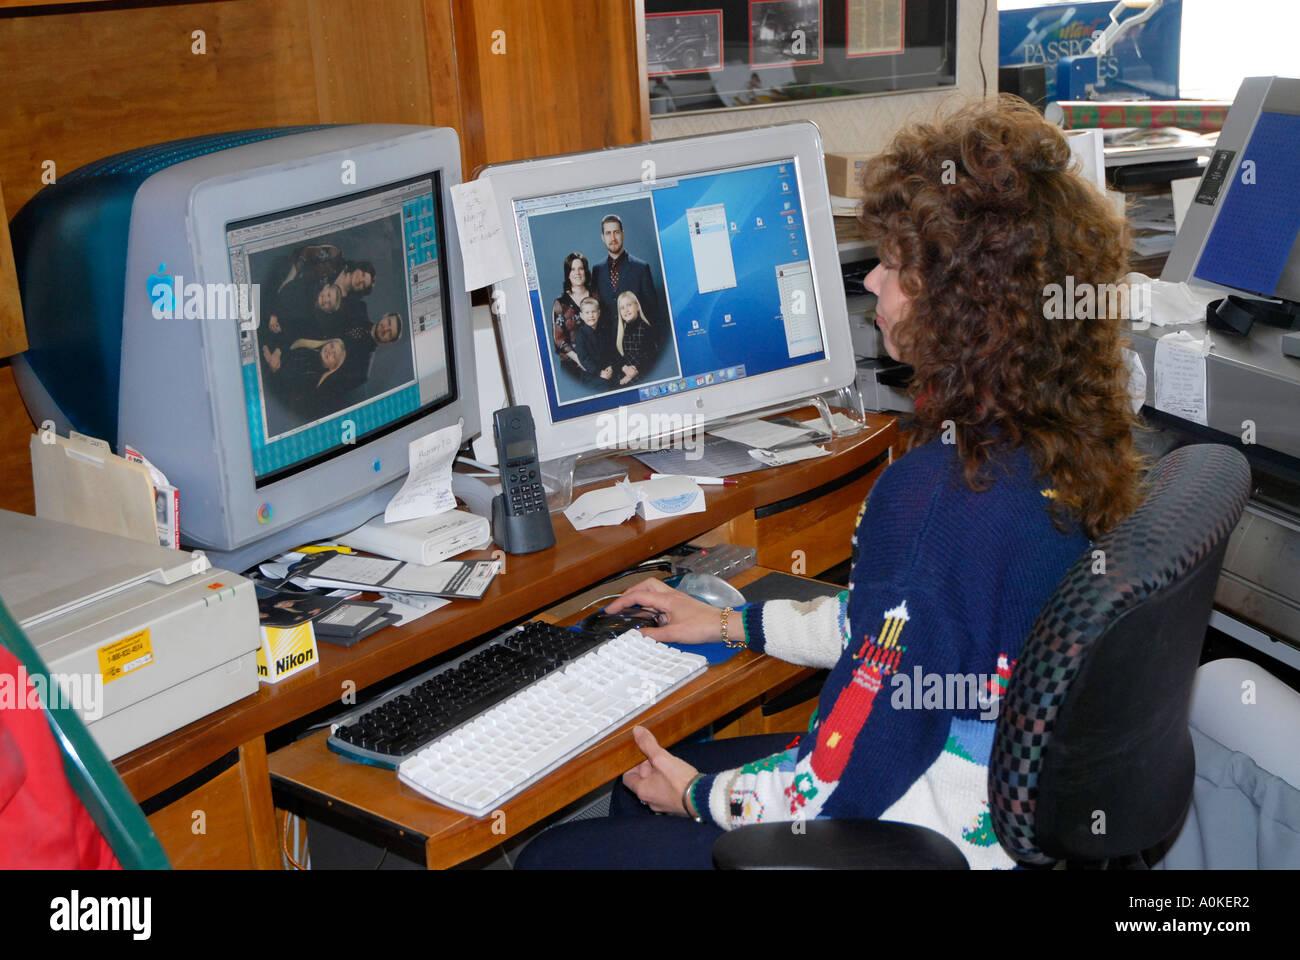 Weibchen in einem home-Office arbeitet mit grafischen auf ihrem Computer zwei Monitore zu verwenden, um mit Problemen des Workflows zu unterstützen Stockbild